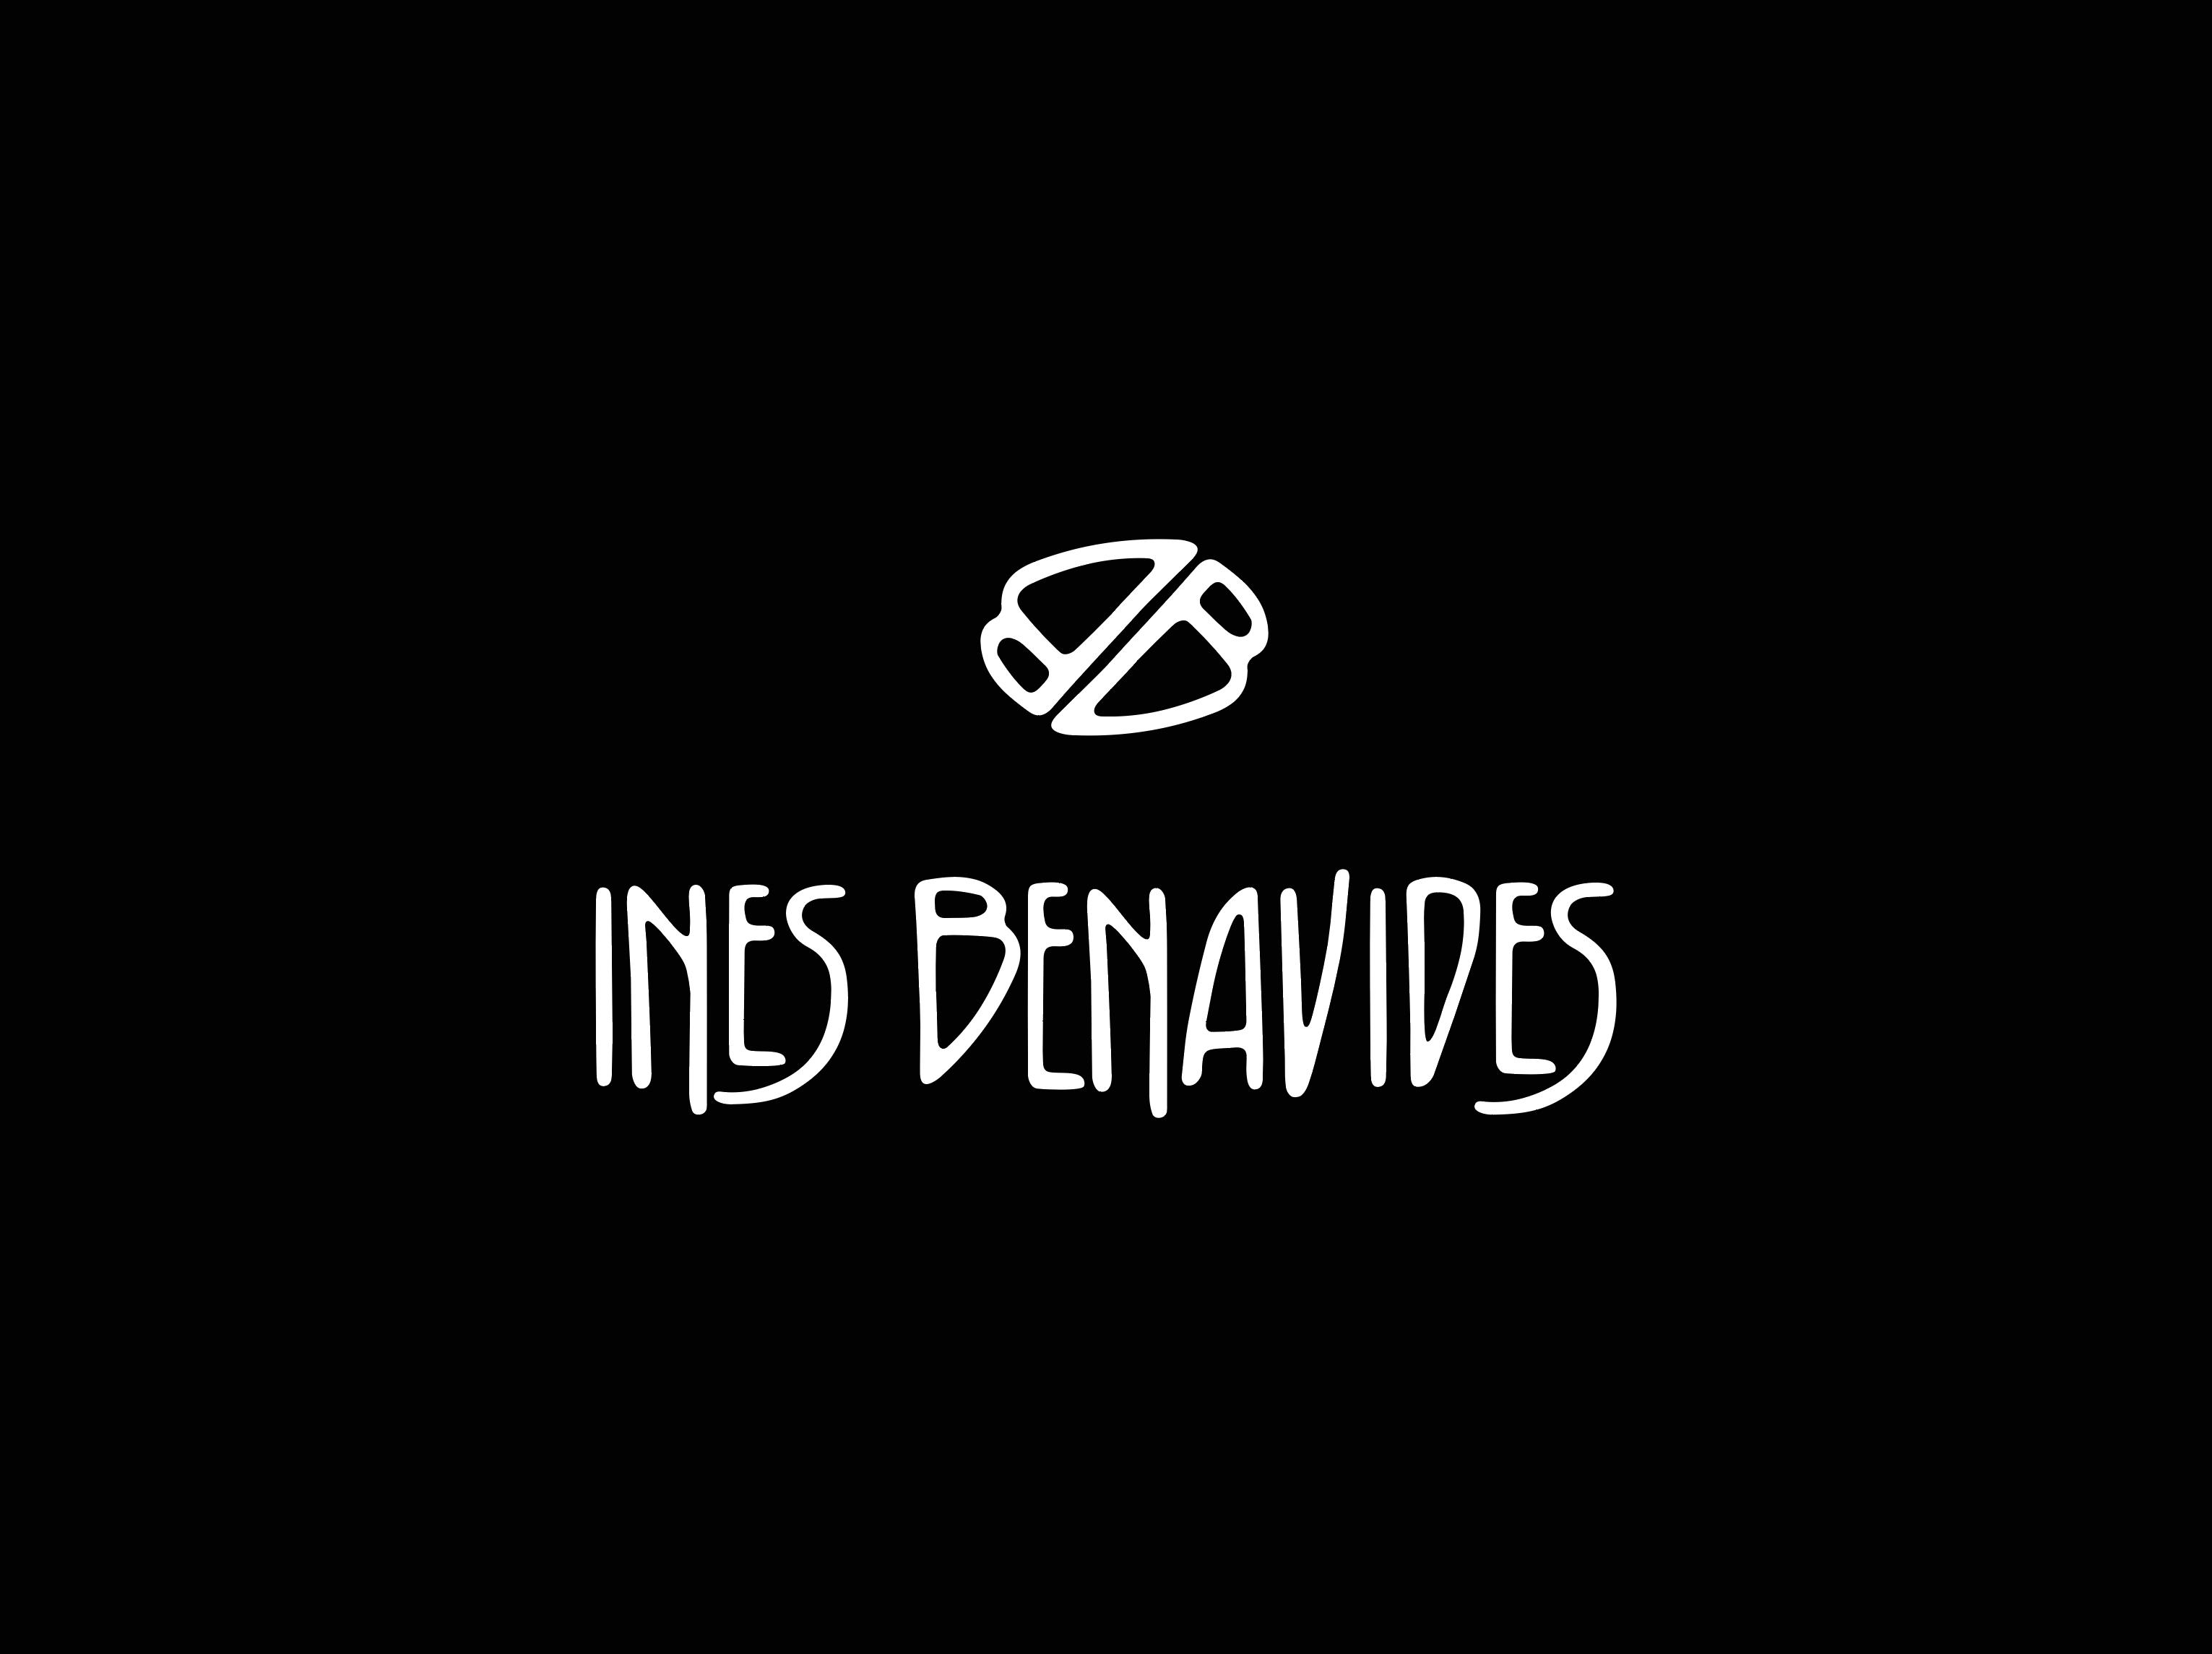 Inés Benavides